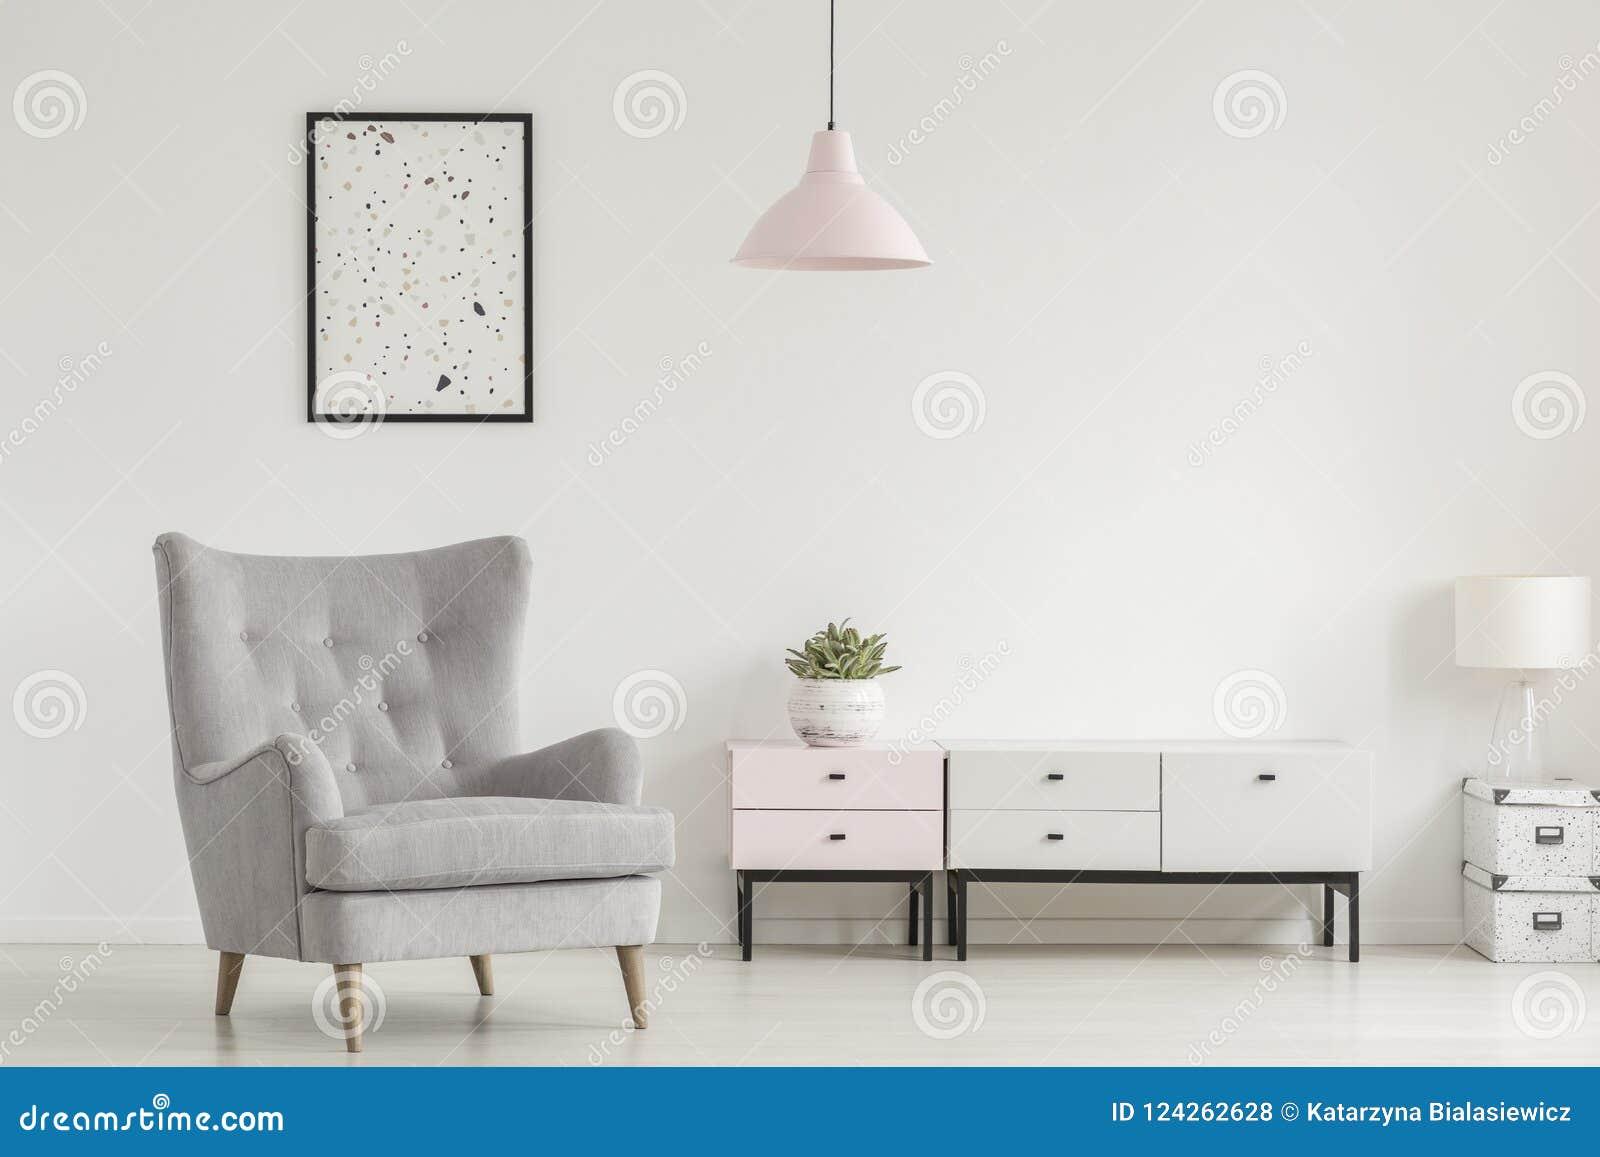 Cartel sobre la butaca y la lámpara grises en el interio blanco de la sala de estar